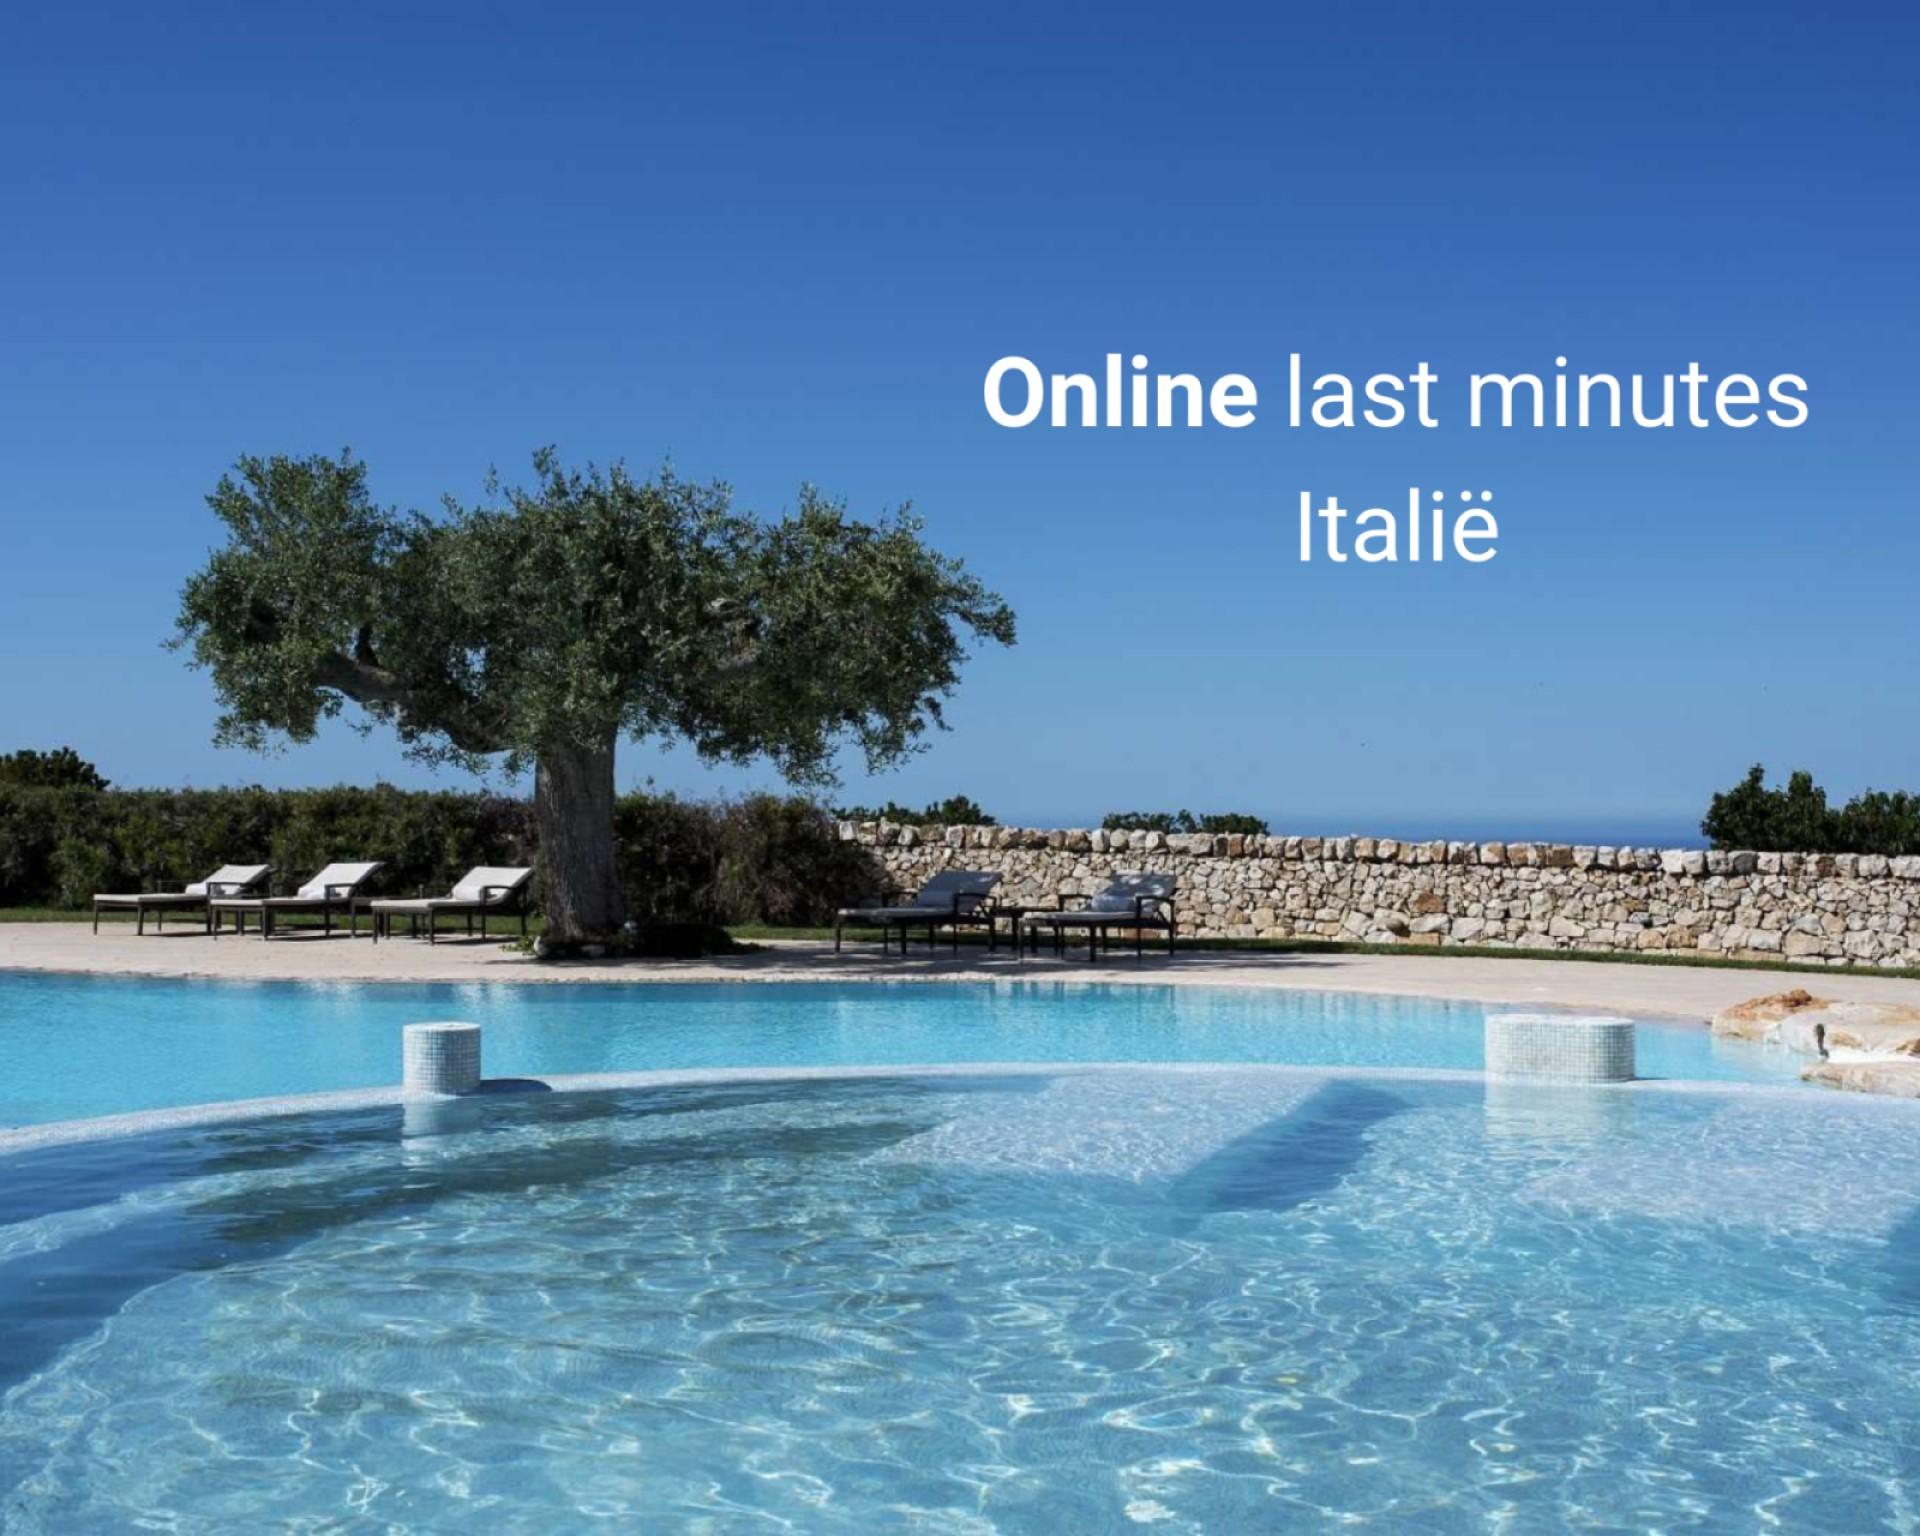 Italië last minutes